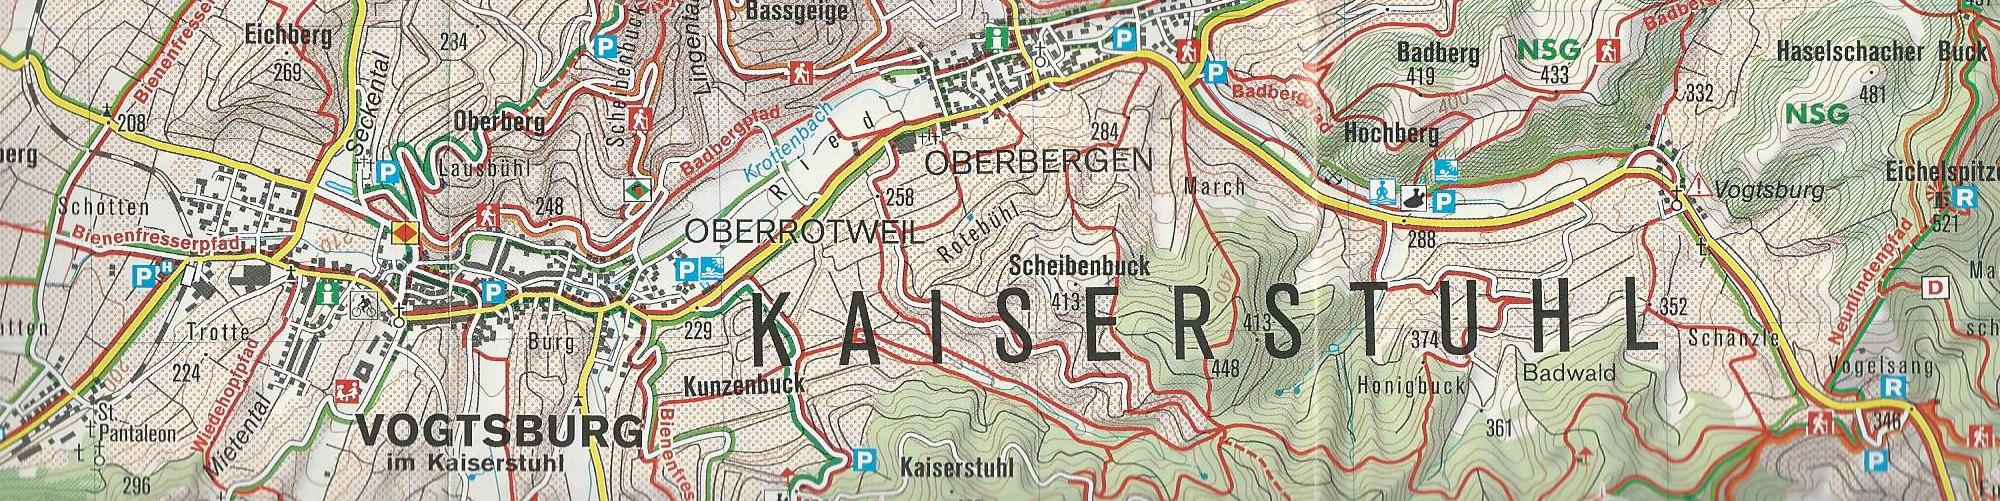 Elsass Karte Zum Ausdrucken.Landkarten Kaiserstuhl